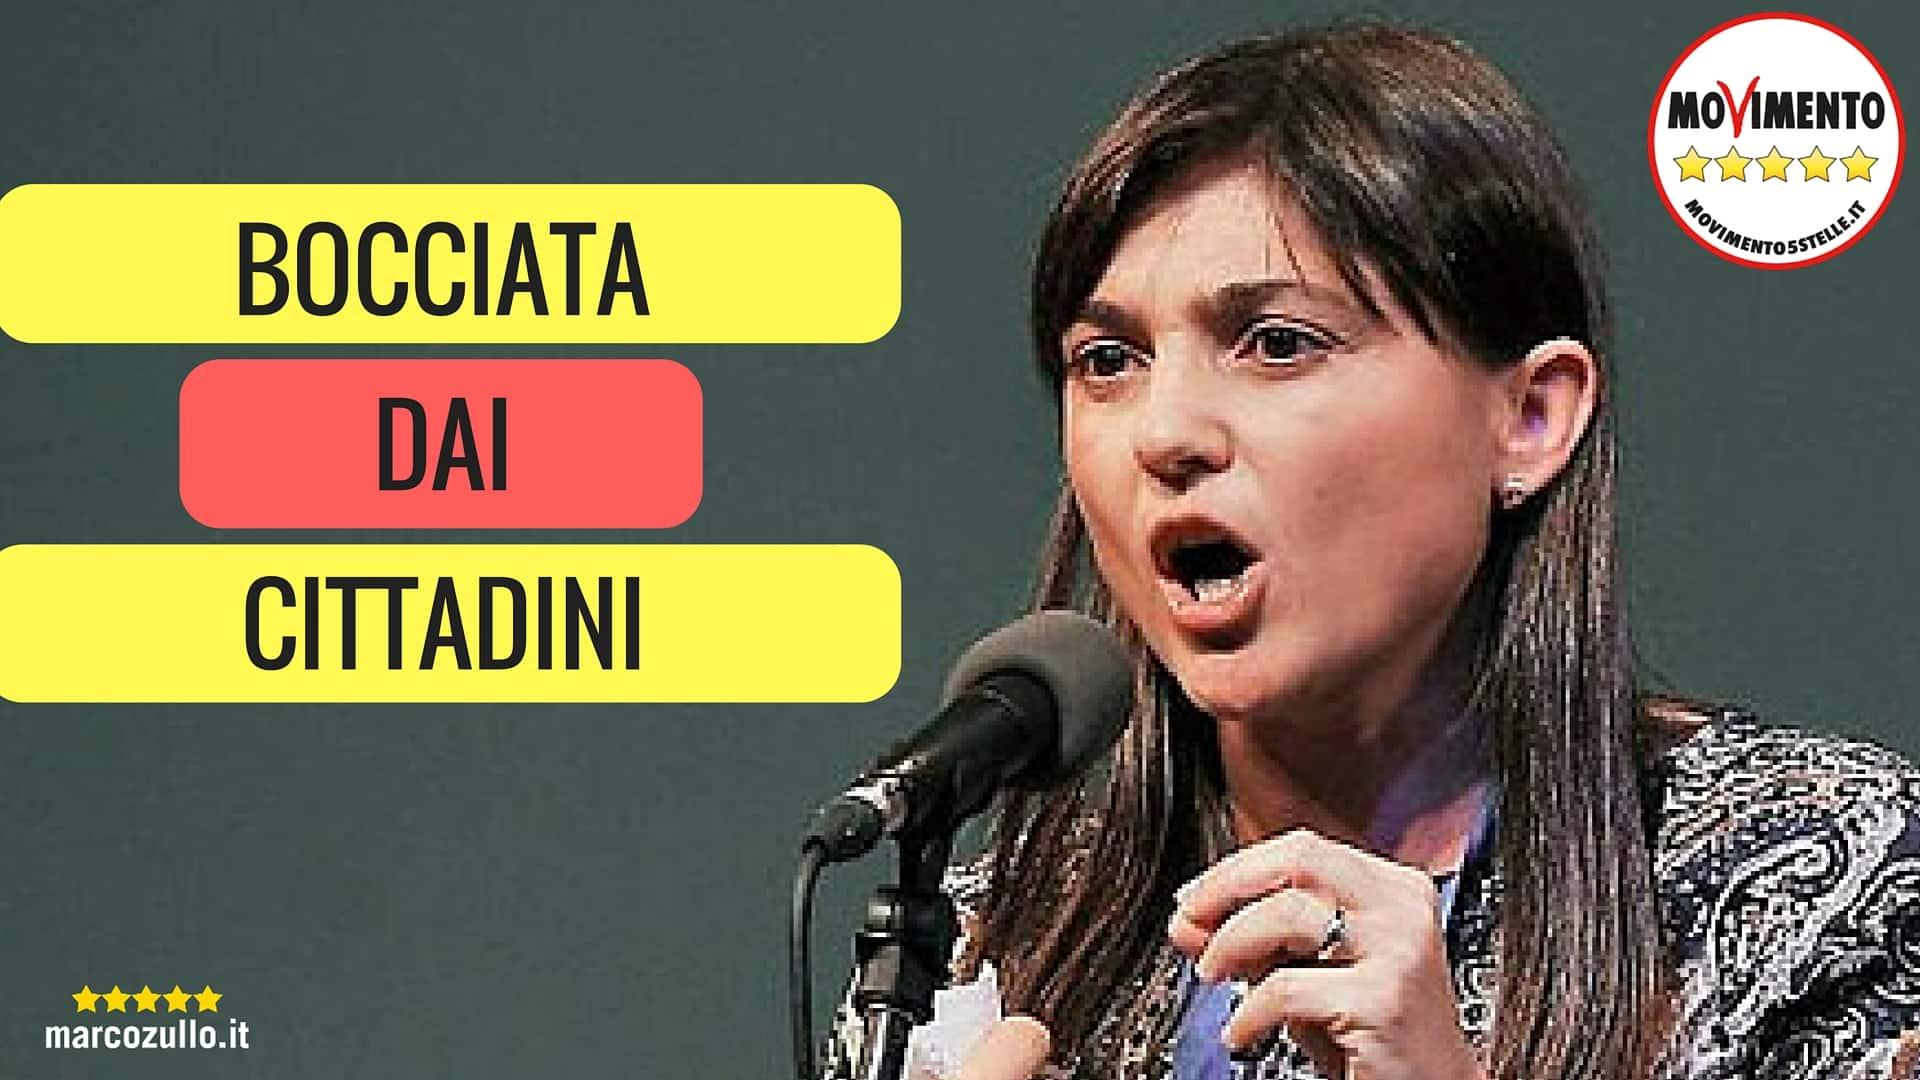 Marco Zullo M5S Europa serracchiani renzi elezioni amministrative trieste pordenone friuli venezia giulia